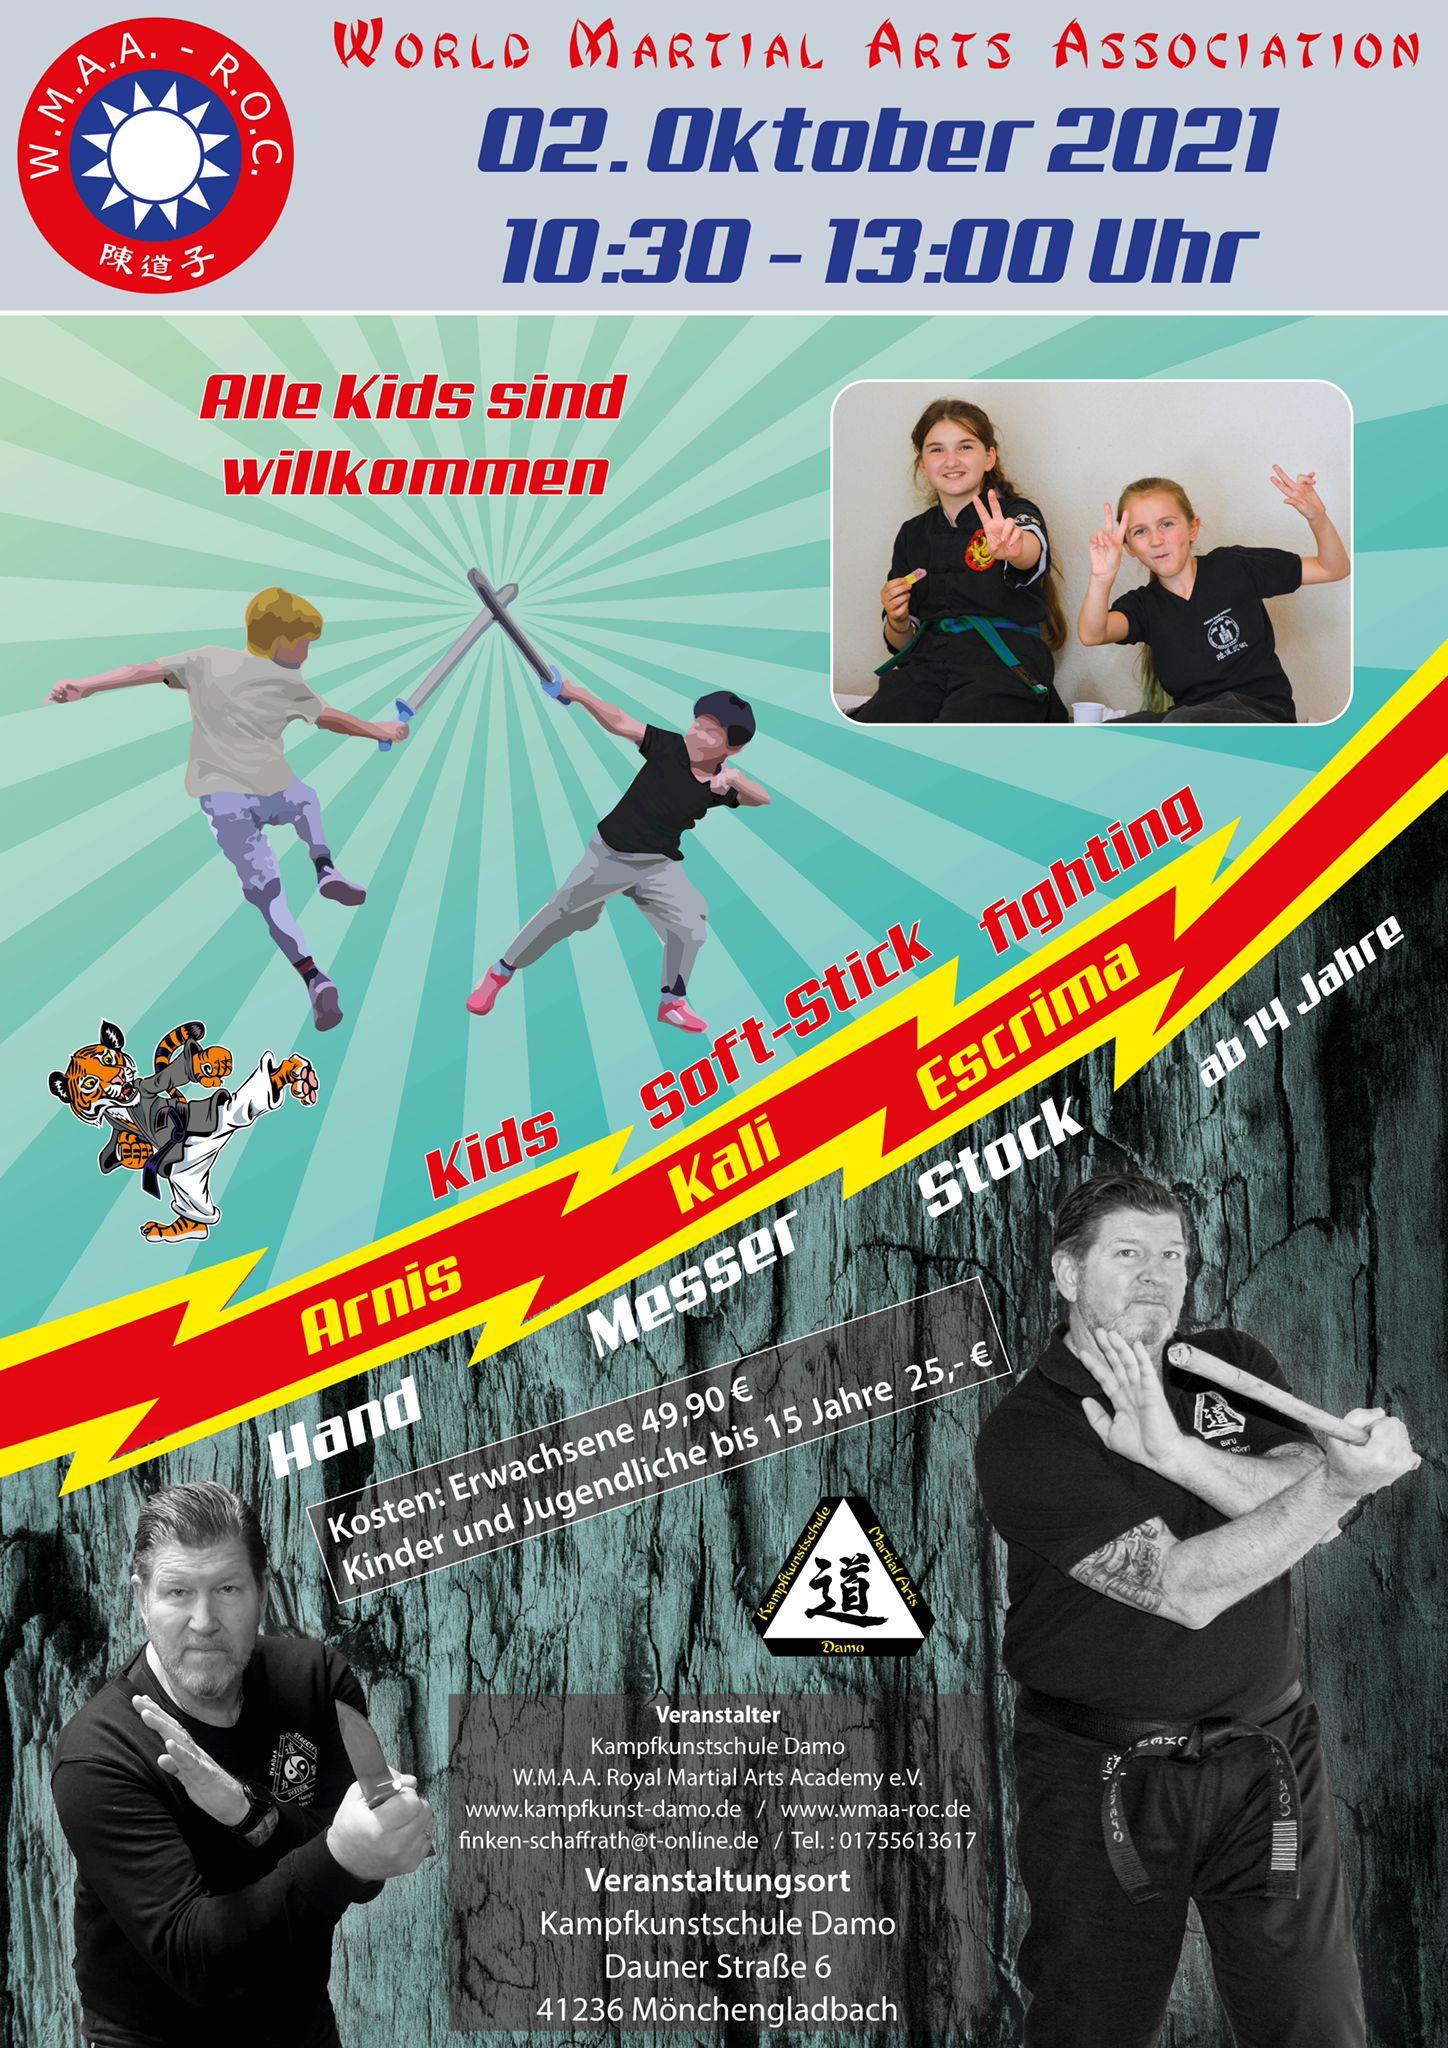 Arnis Lehrgang für Kinder und Erwachsene